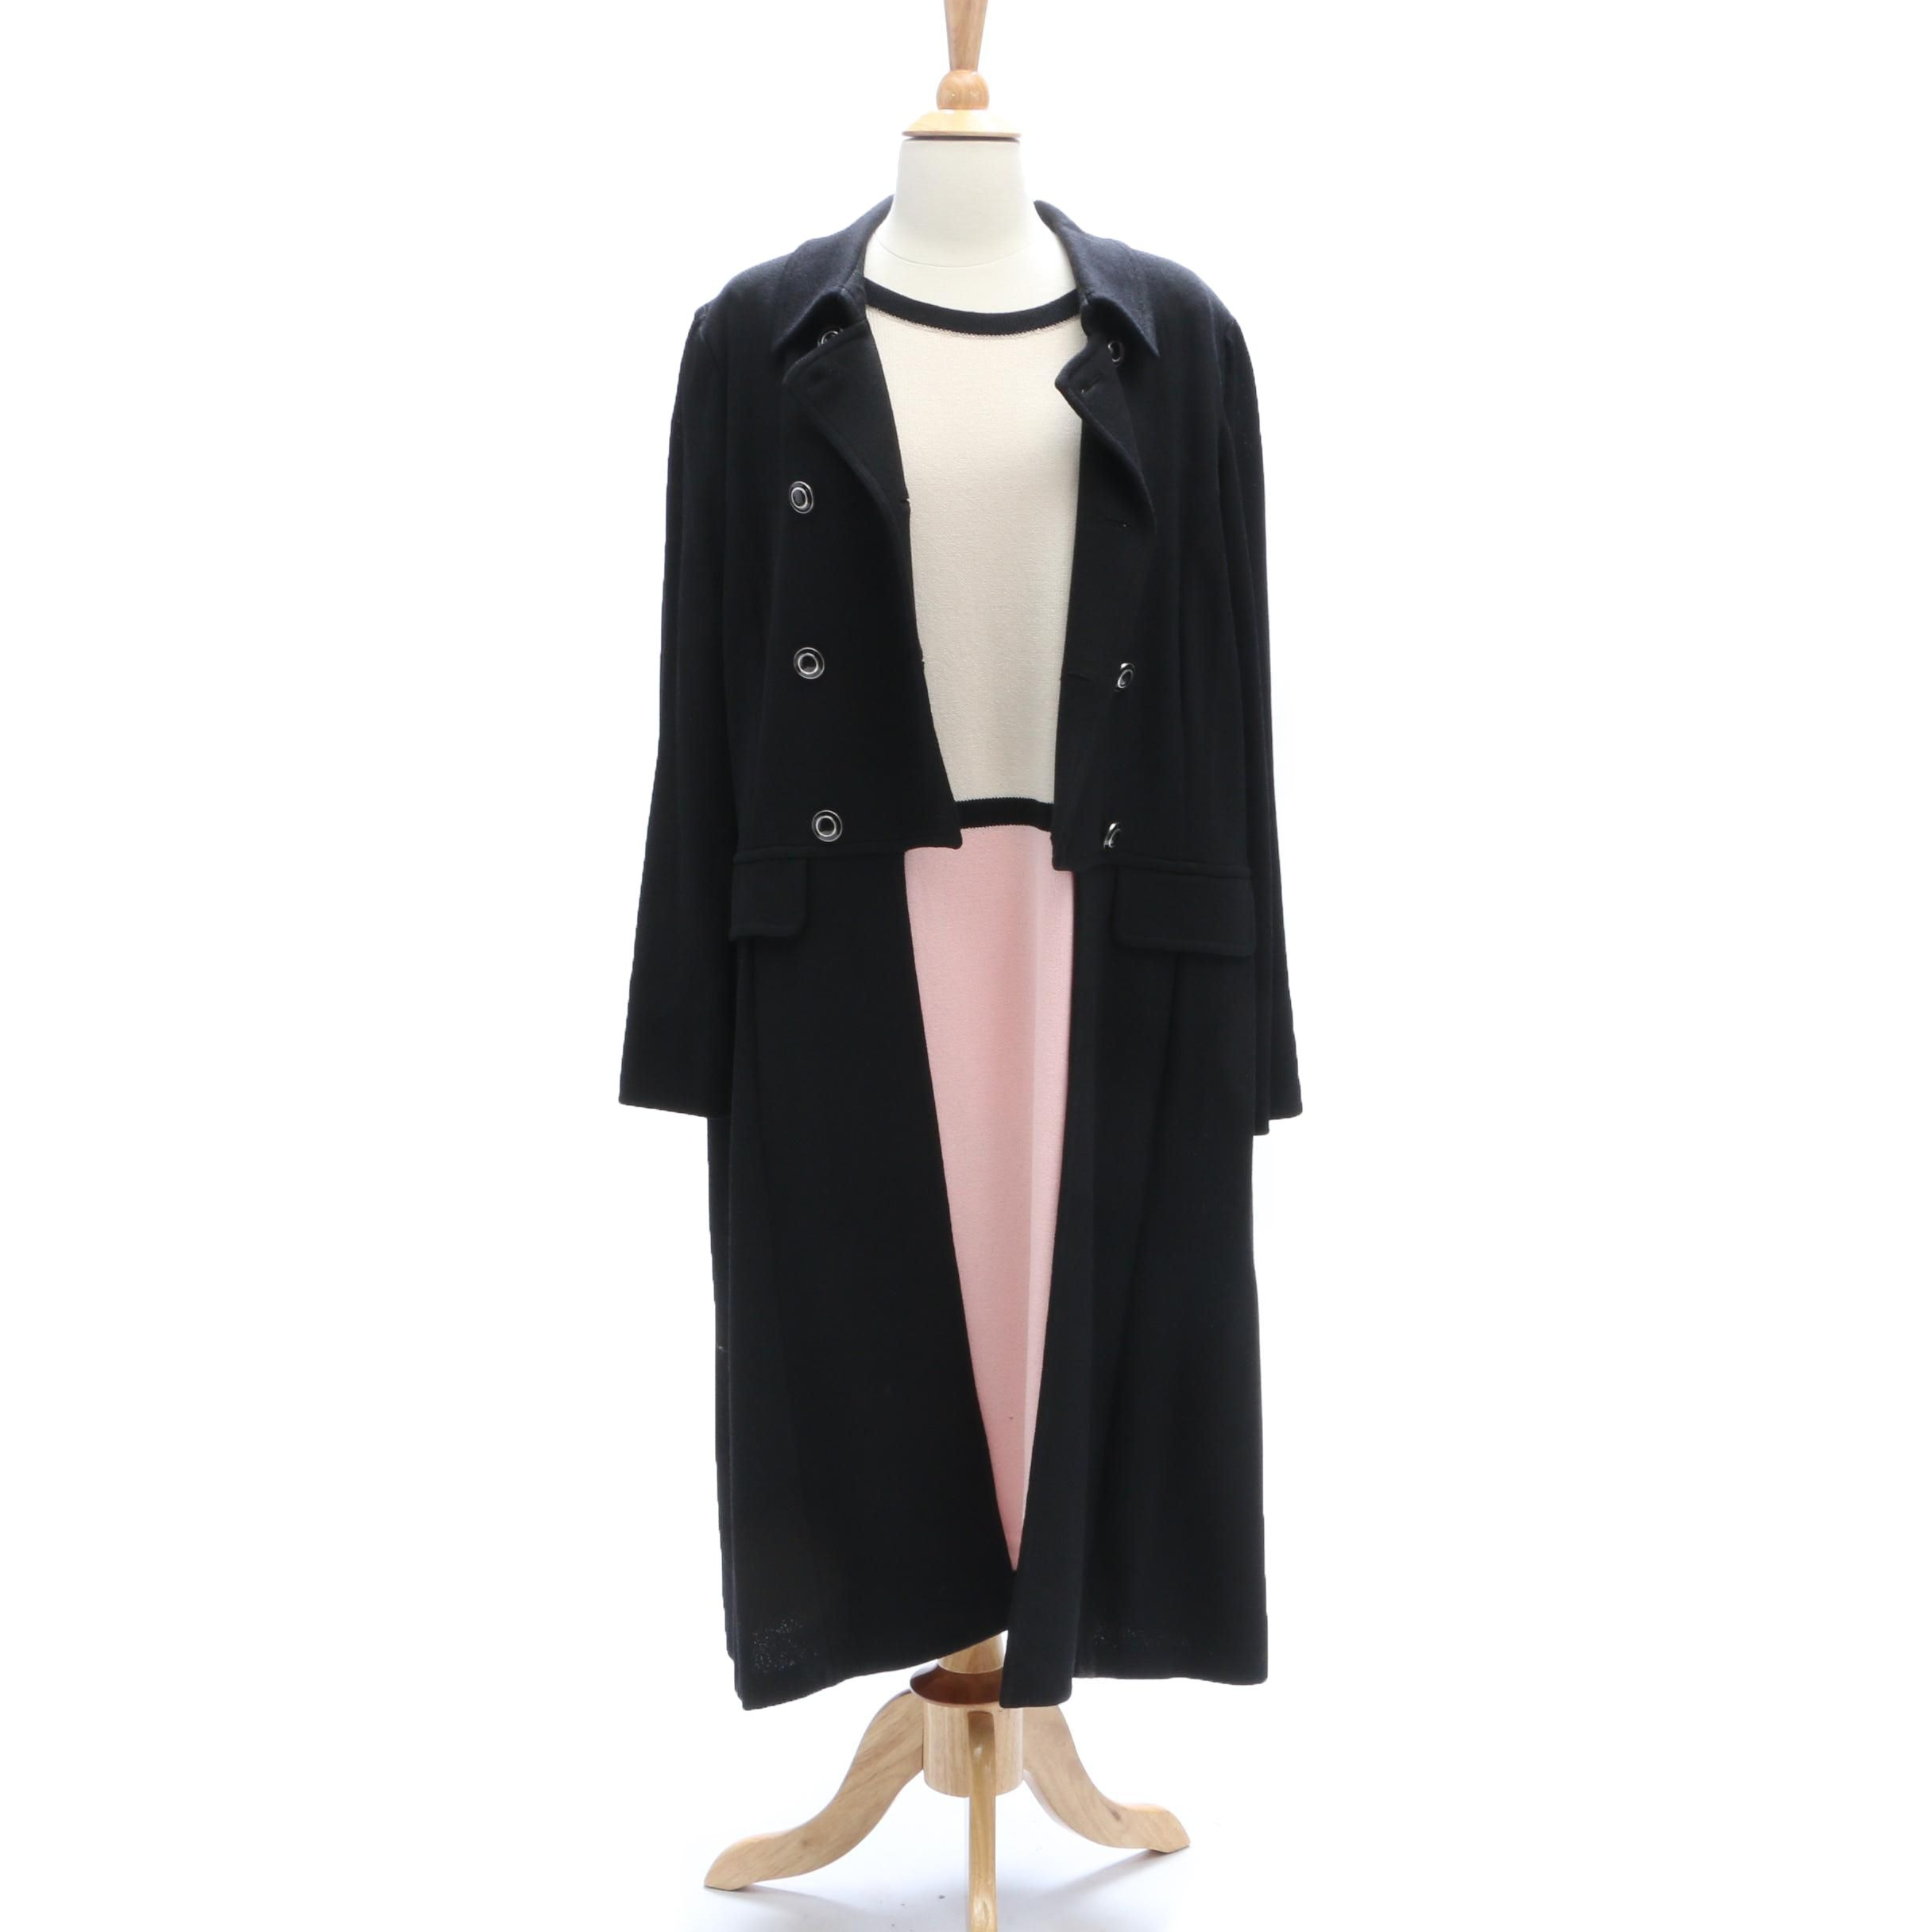 St. John Jacket and St. John by Marie Gray Dress